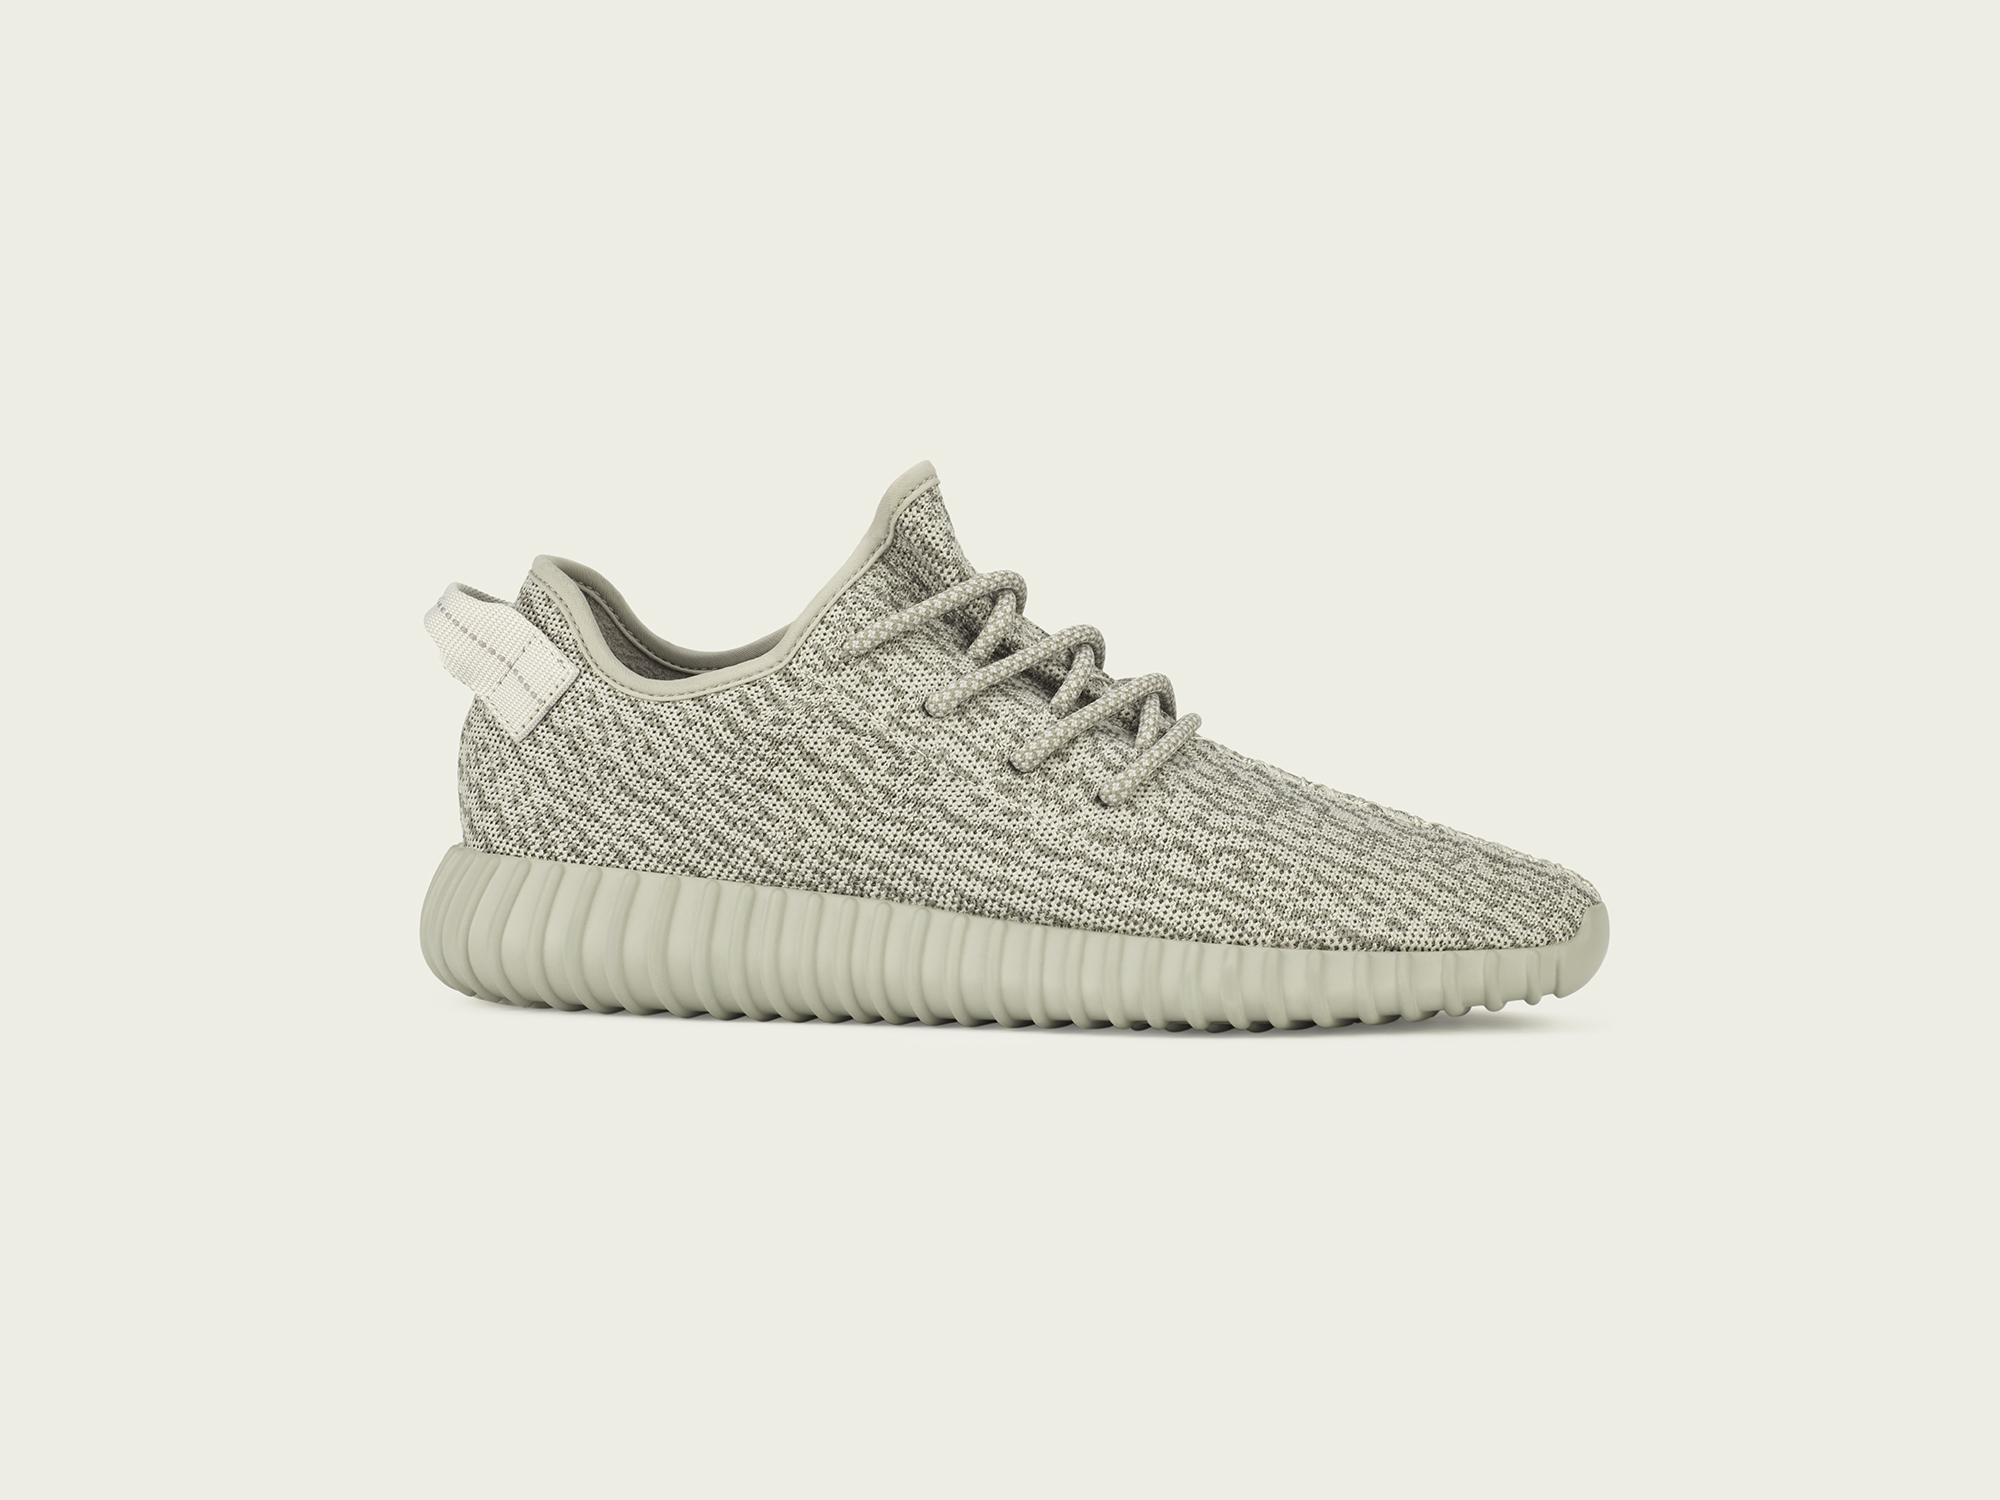 best sneakers 32a69 5a388 adidas Yeezy Boost 350 Moonrock • KicksOnFire.com